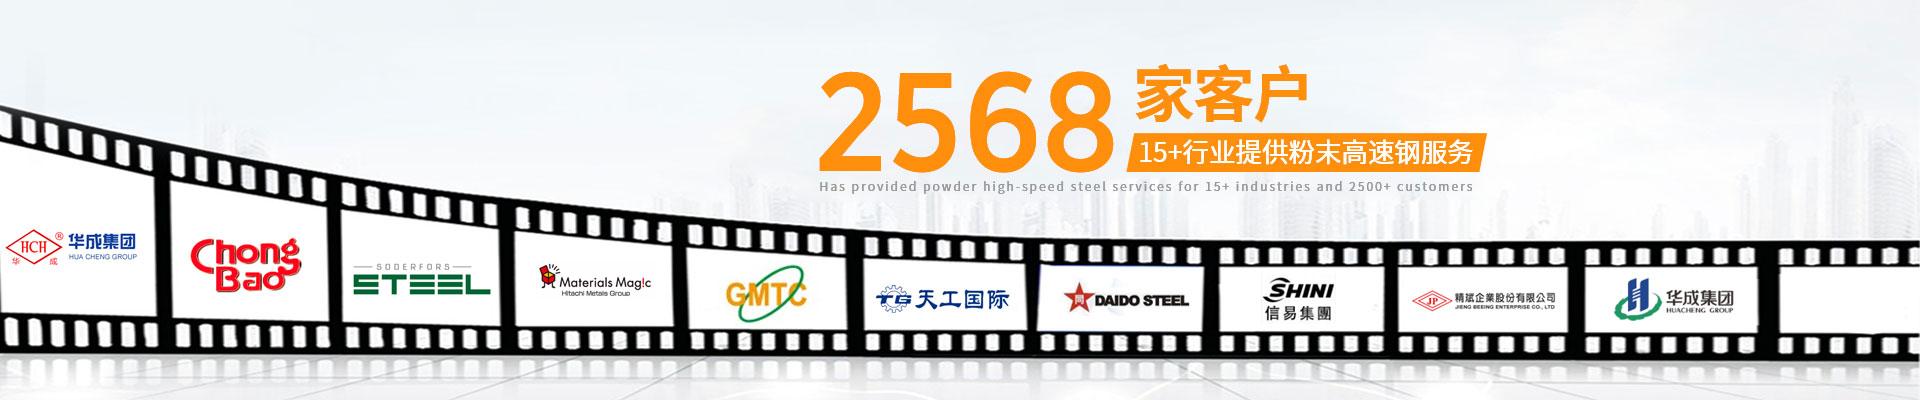 中瑞-2568家客户 15+行业提供粉末高速钢服务